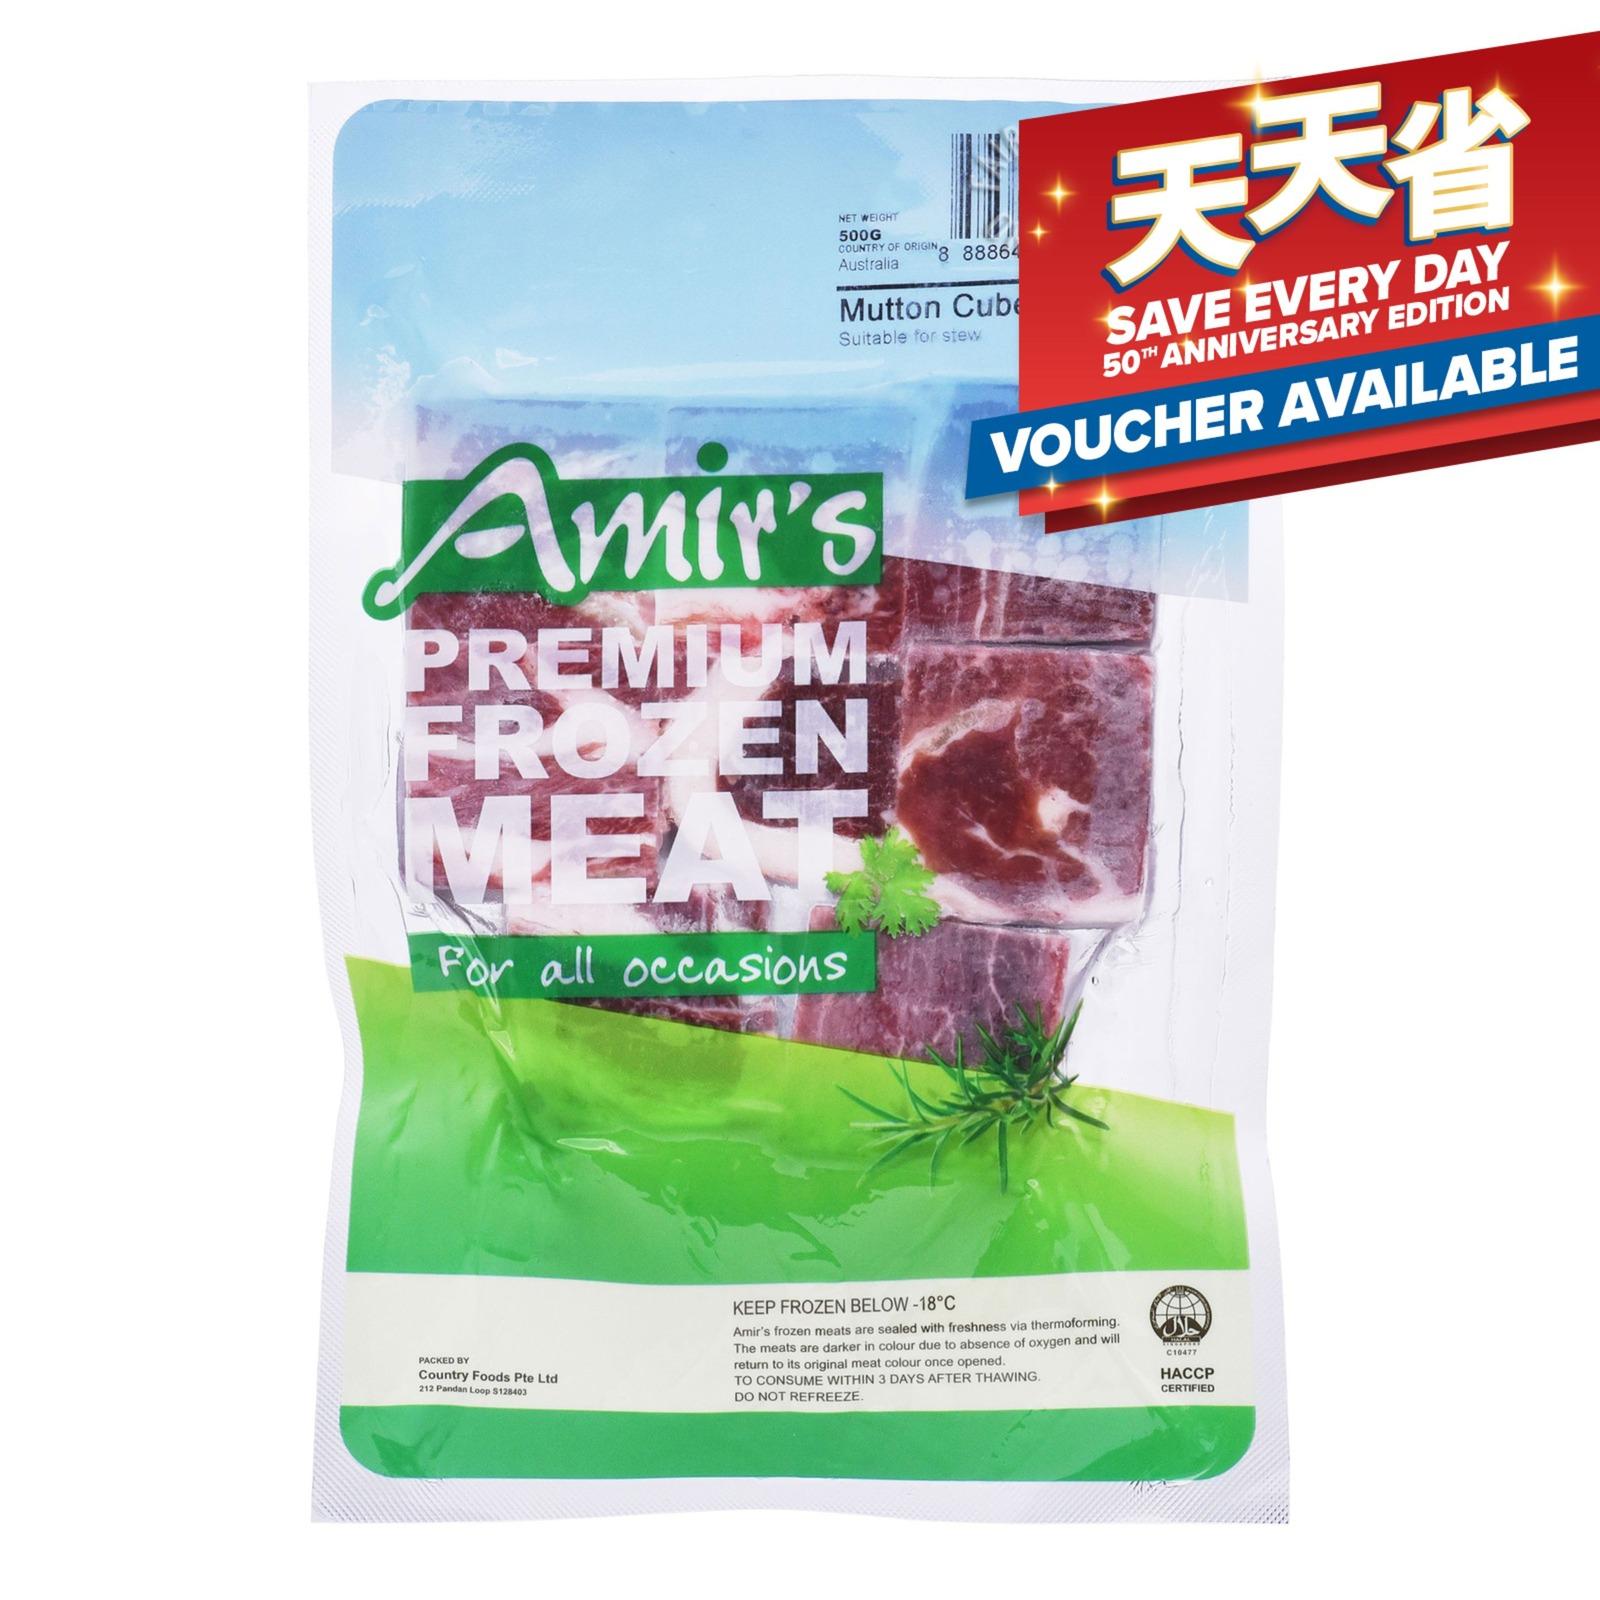 Amir's Premium Frozen Meat - Mutton Cube